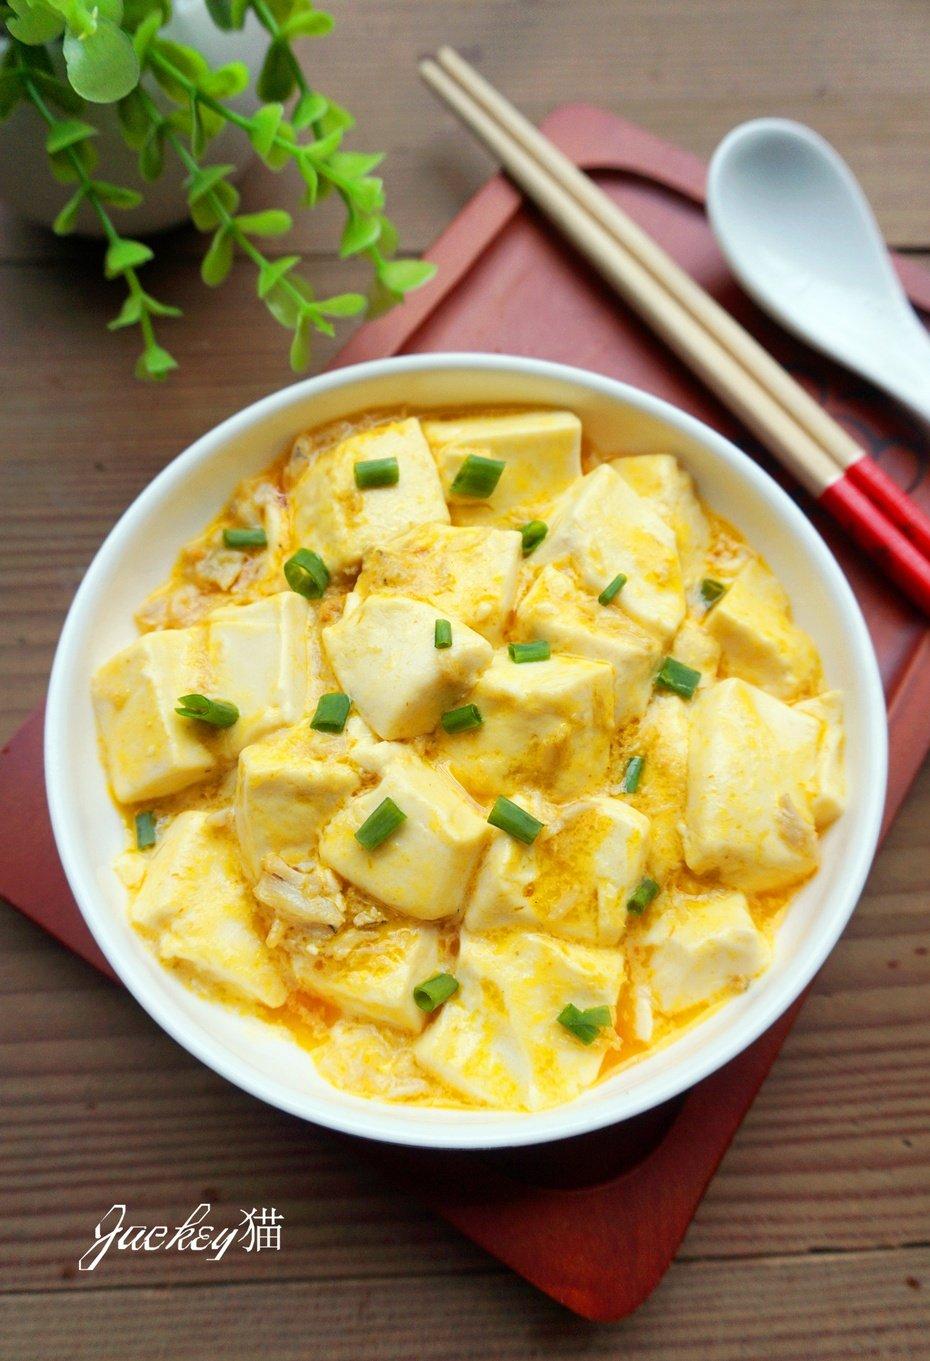 【暖冬】忘不掉的鲜美—蟹粉豆腐